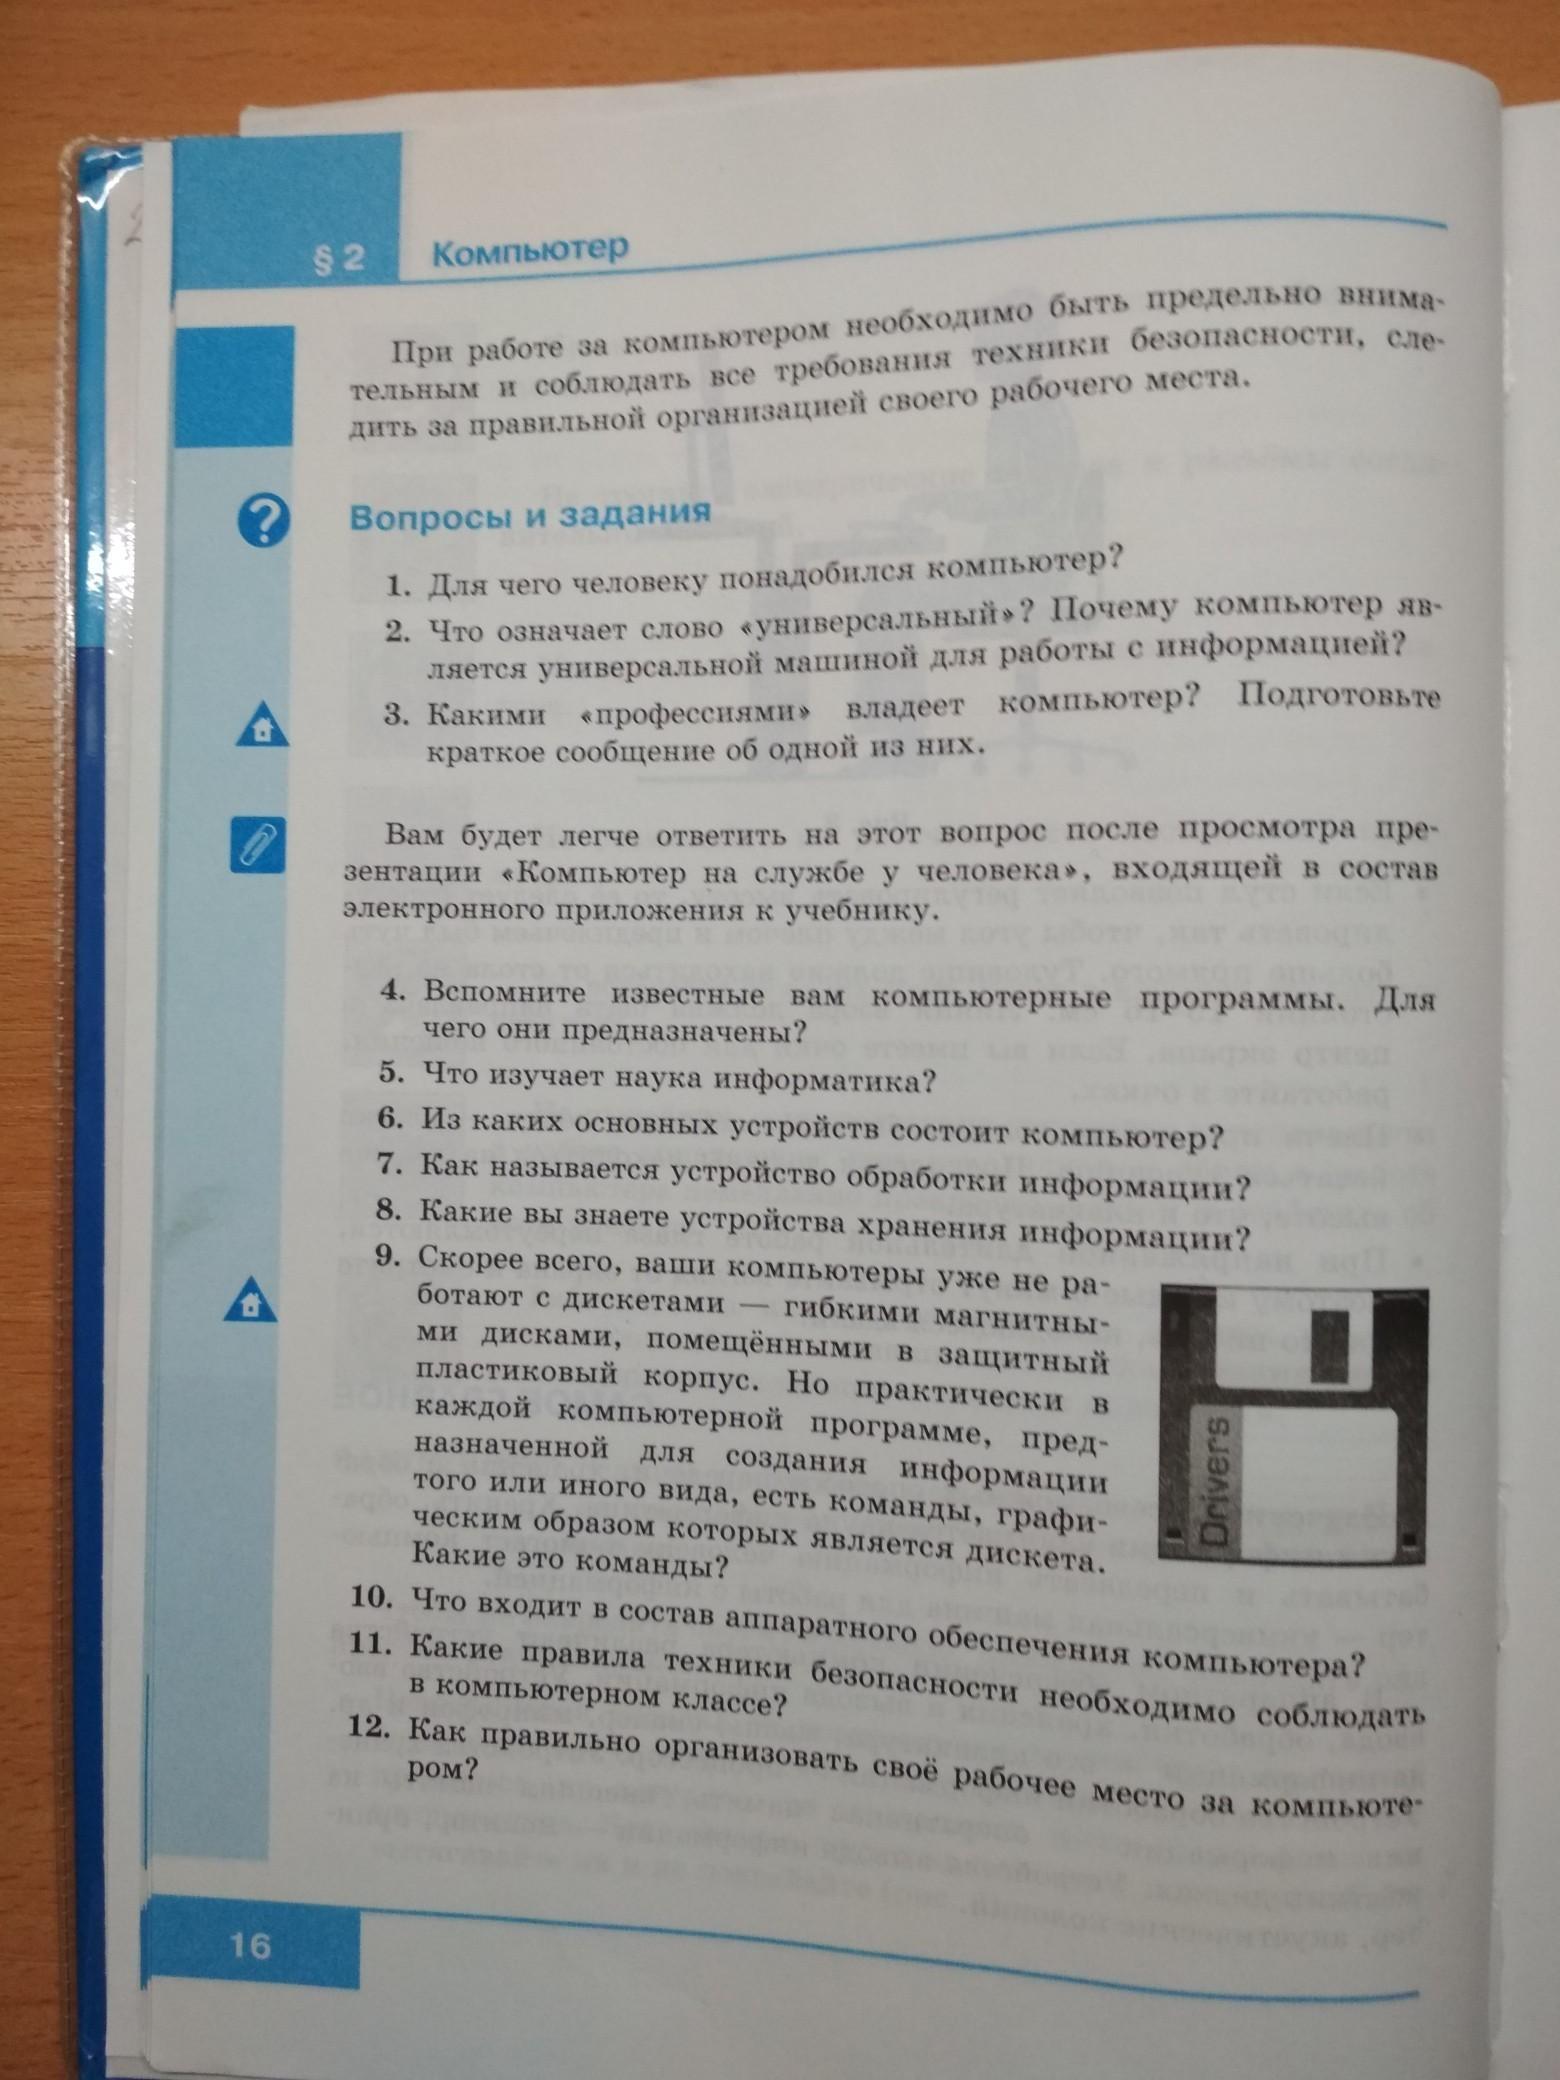 формулы по статистике для решения задач с описанием